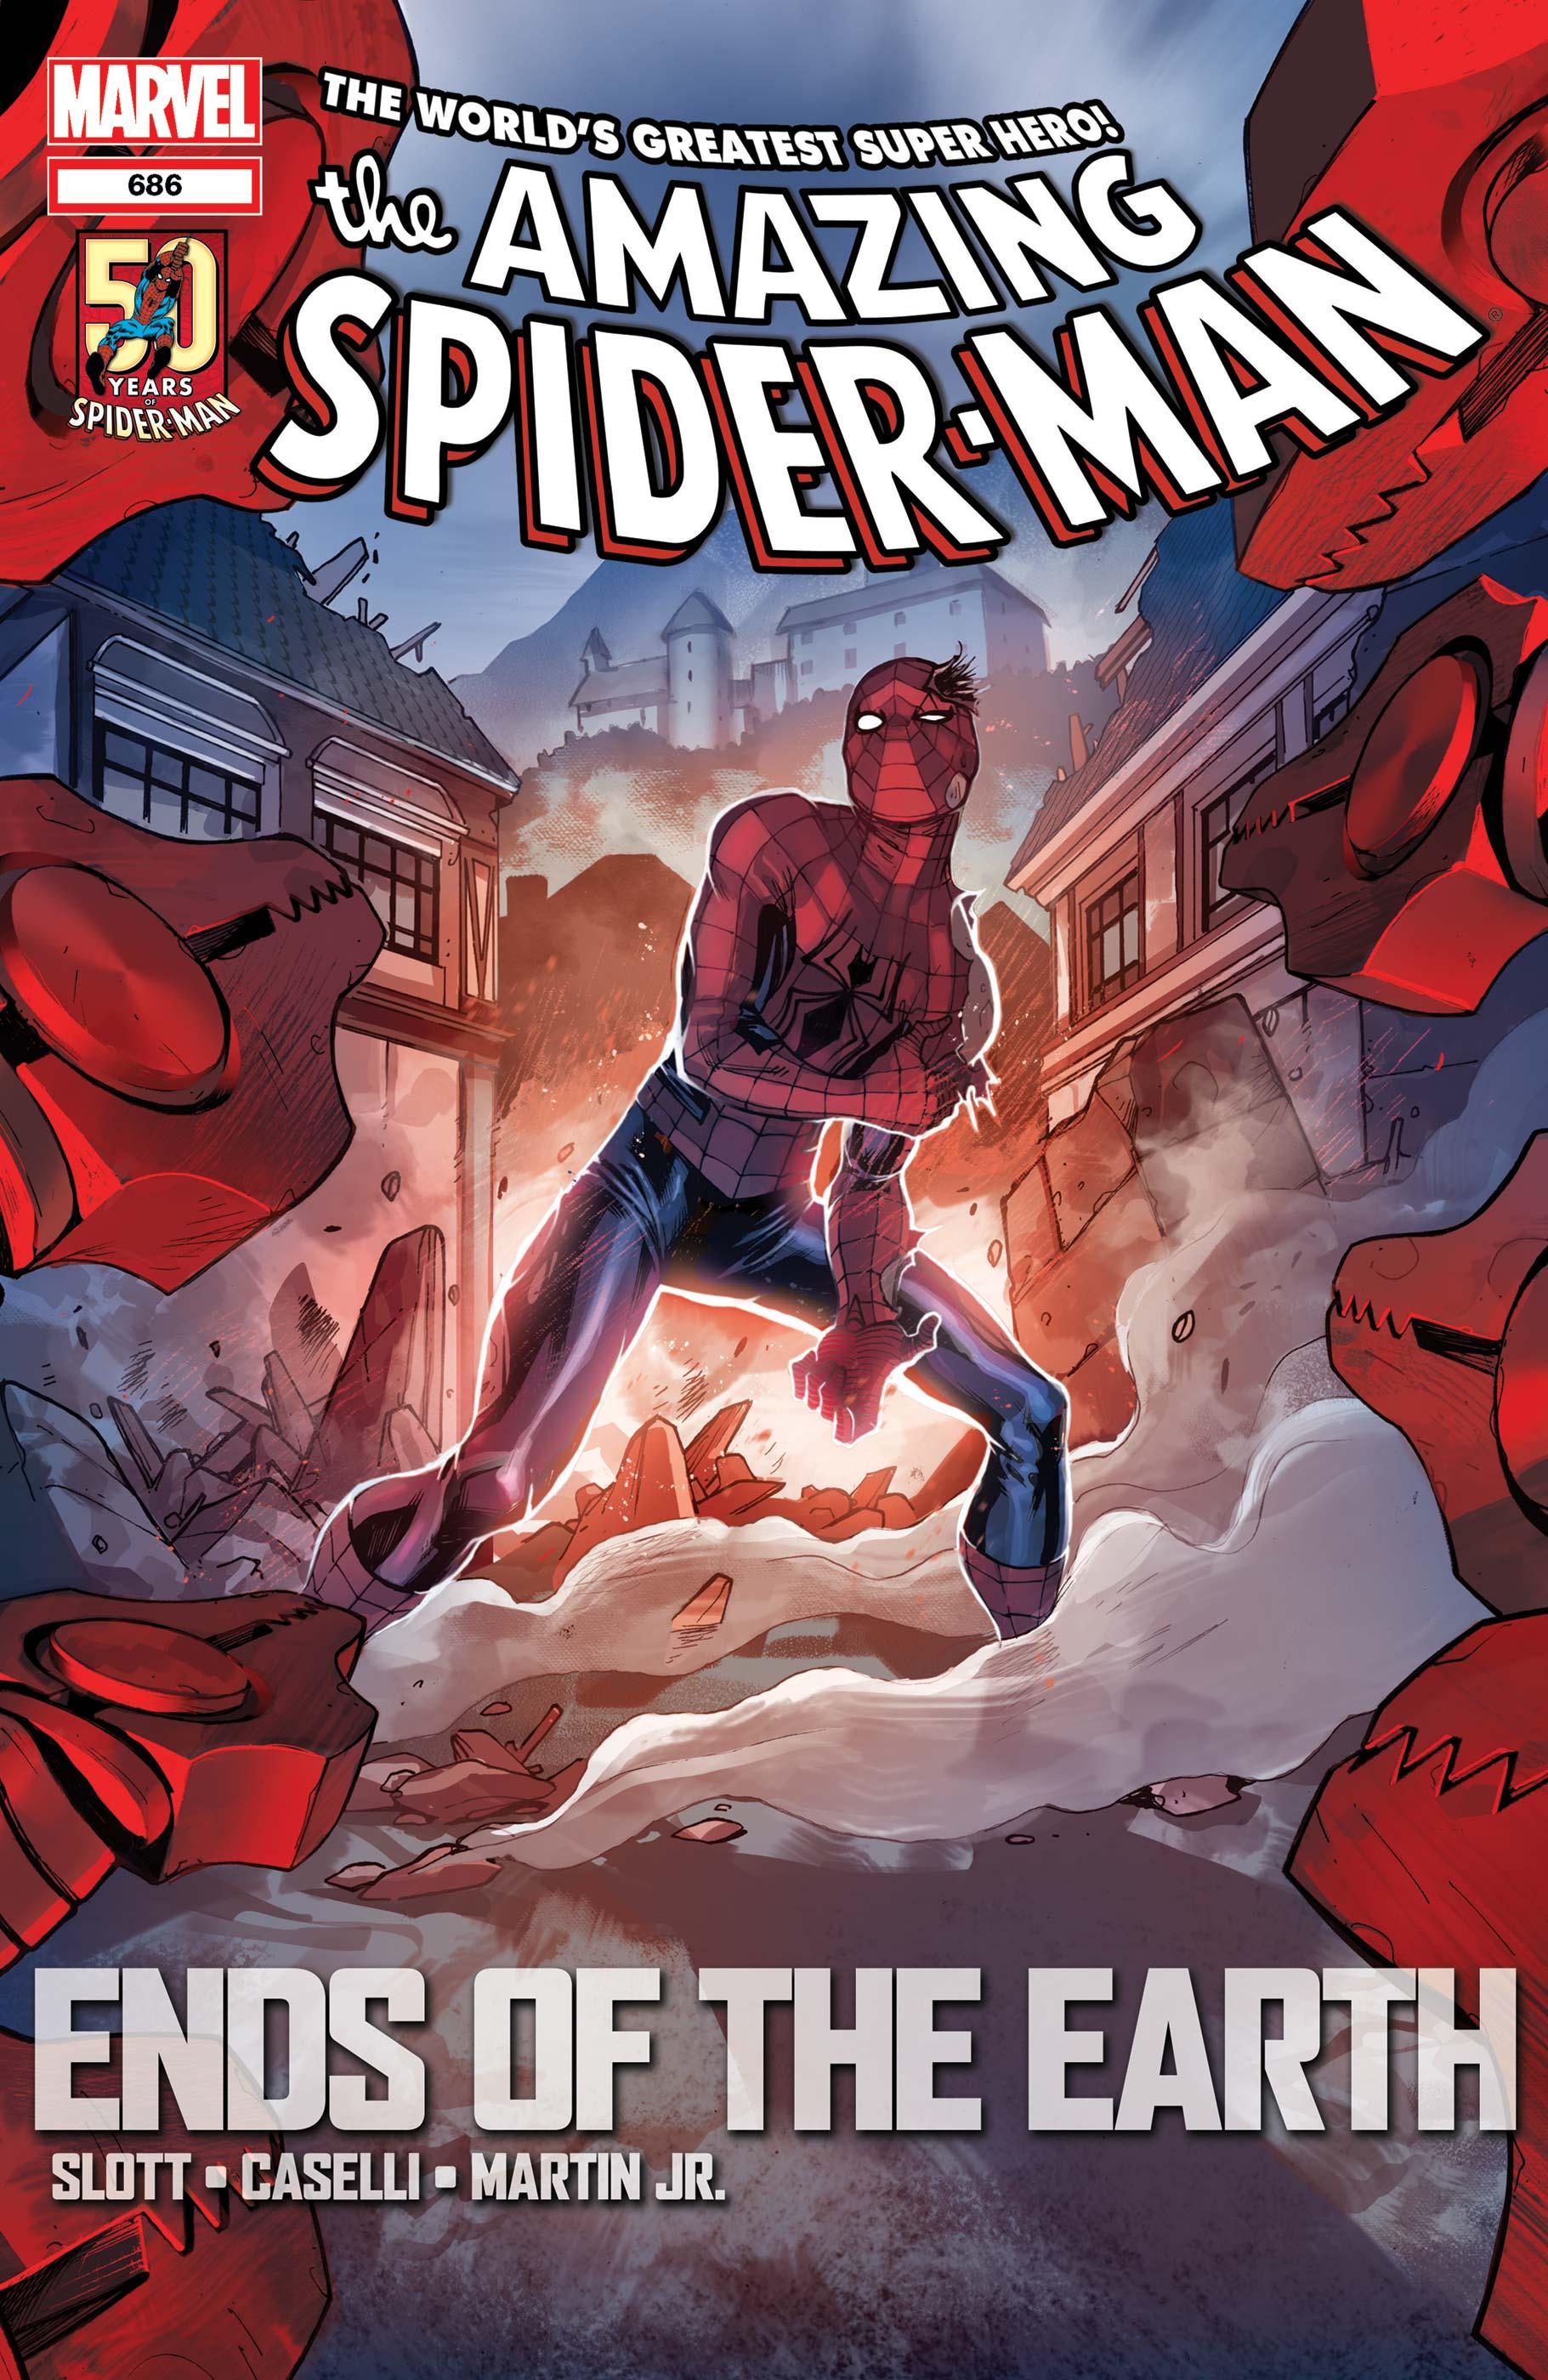 Amazing Spider-Man (1999) #686